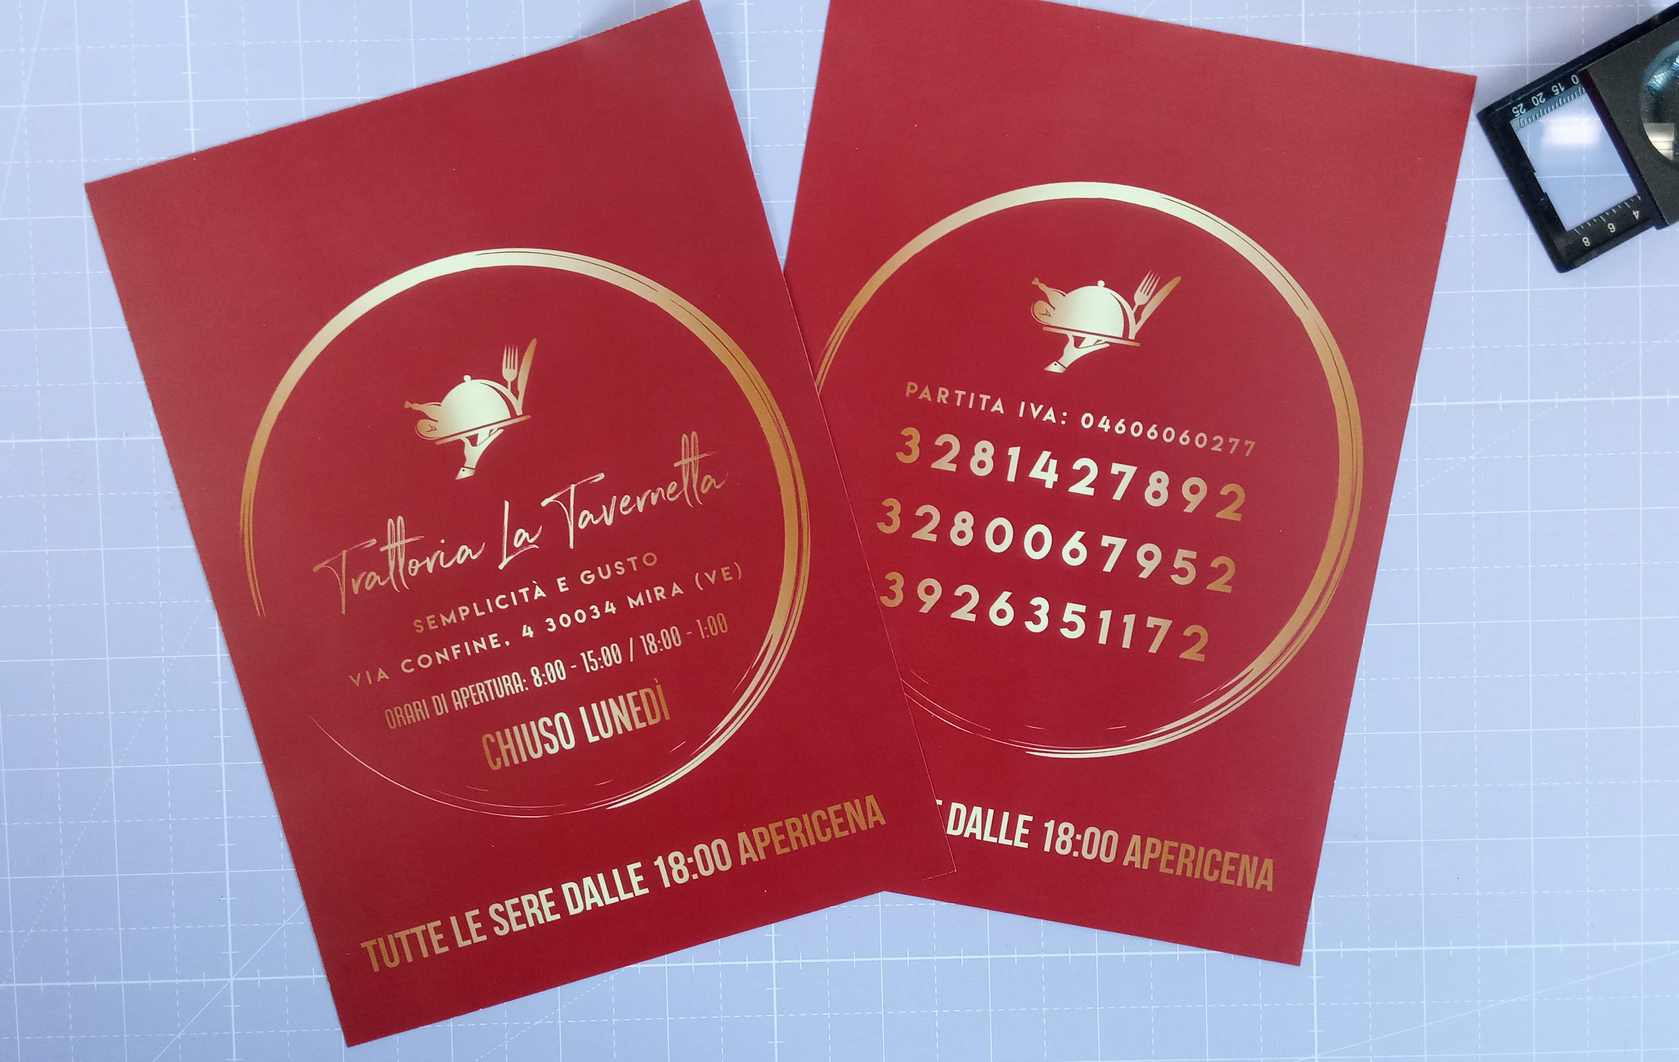 Stampa e realizzazione volantino per Trattoria La Tavernetta con adattamento logo fornito e simulazione stampa oro del logo su carta patinata opaca